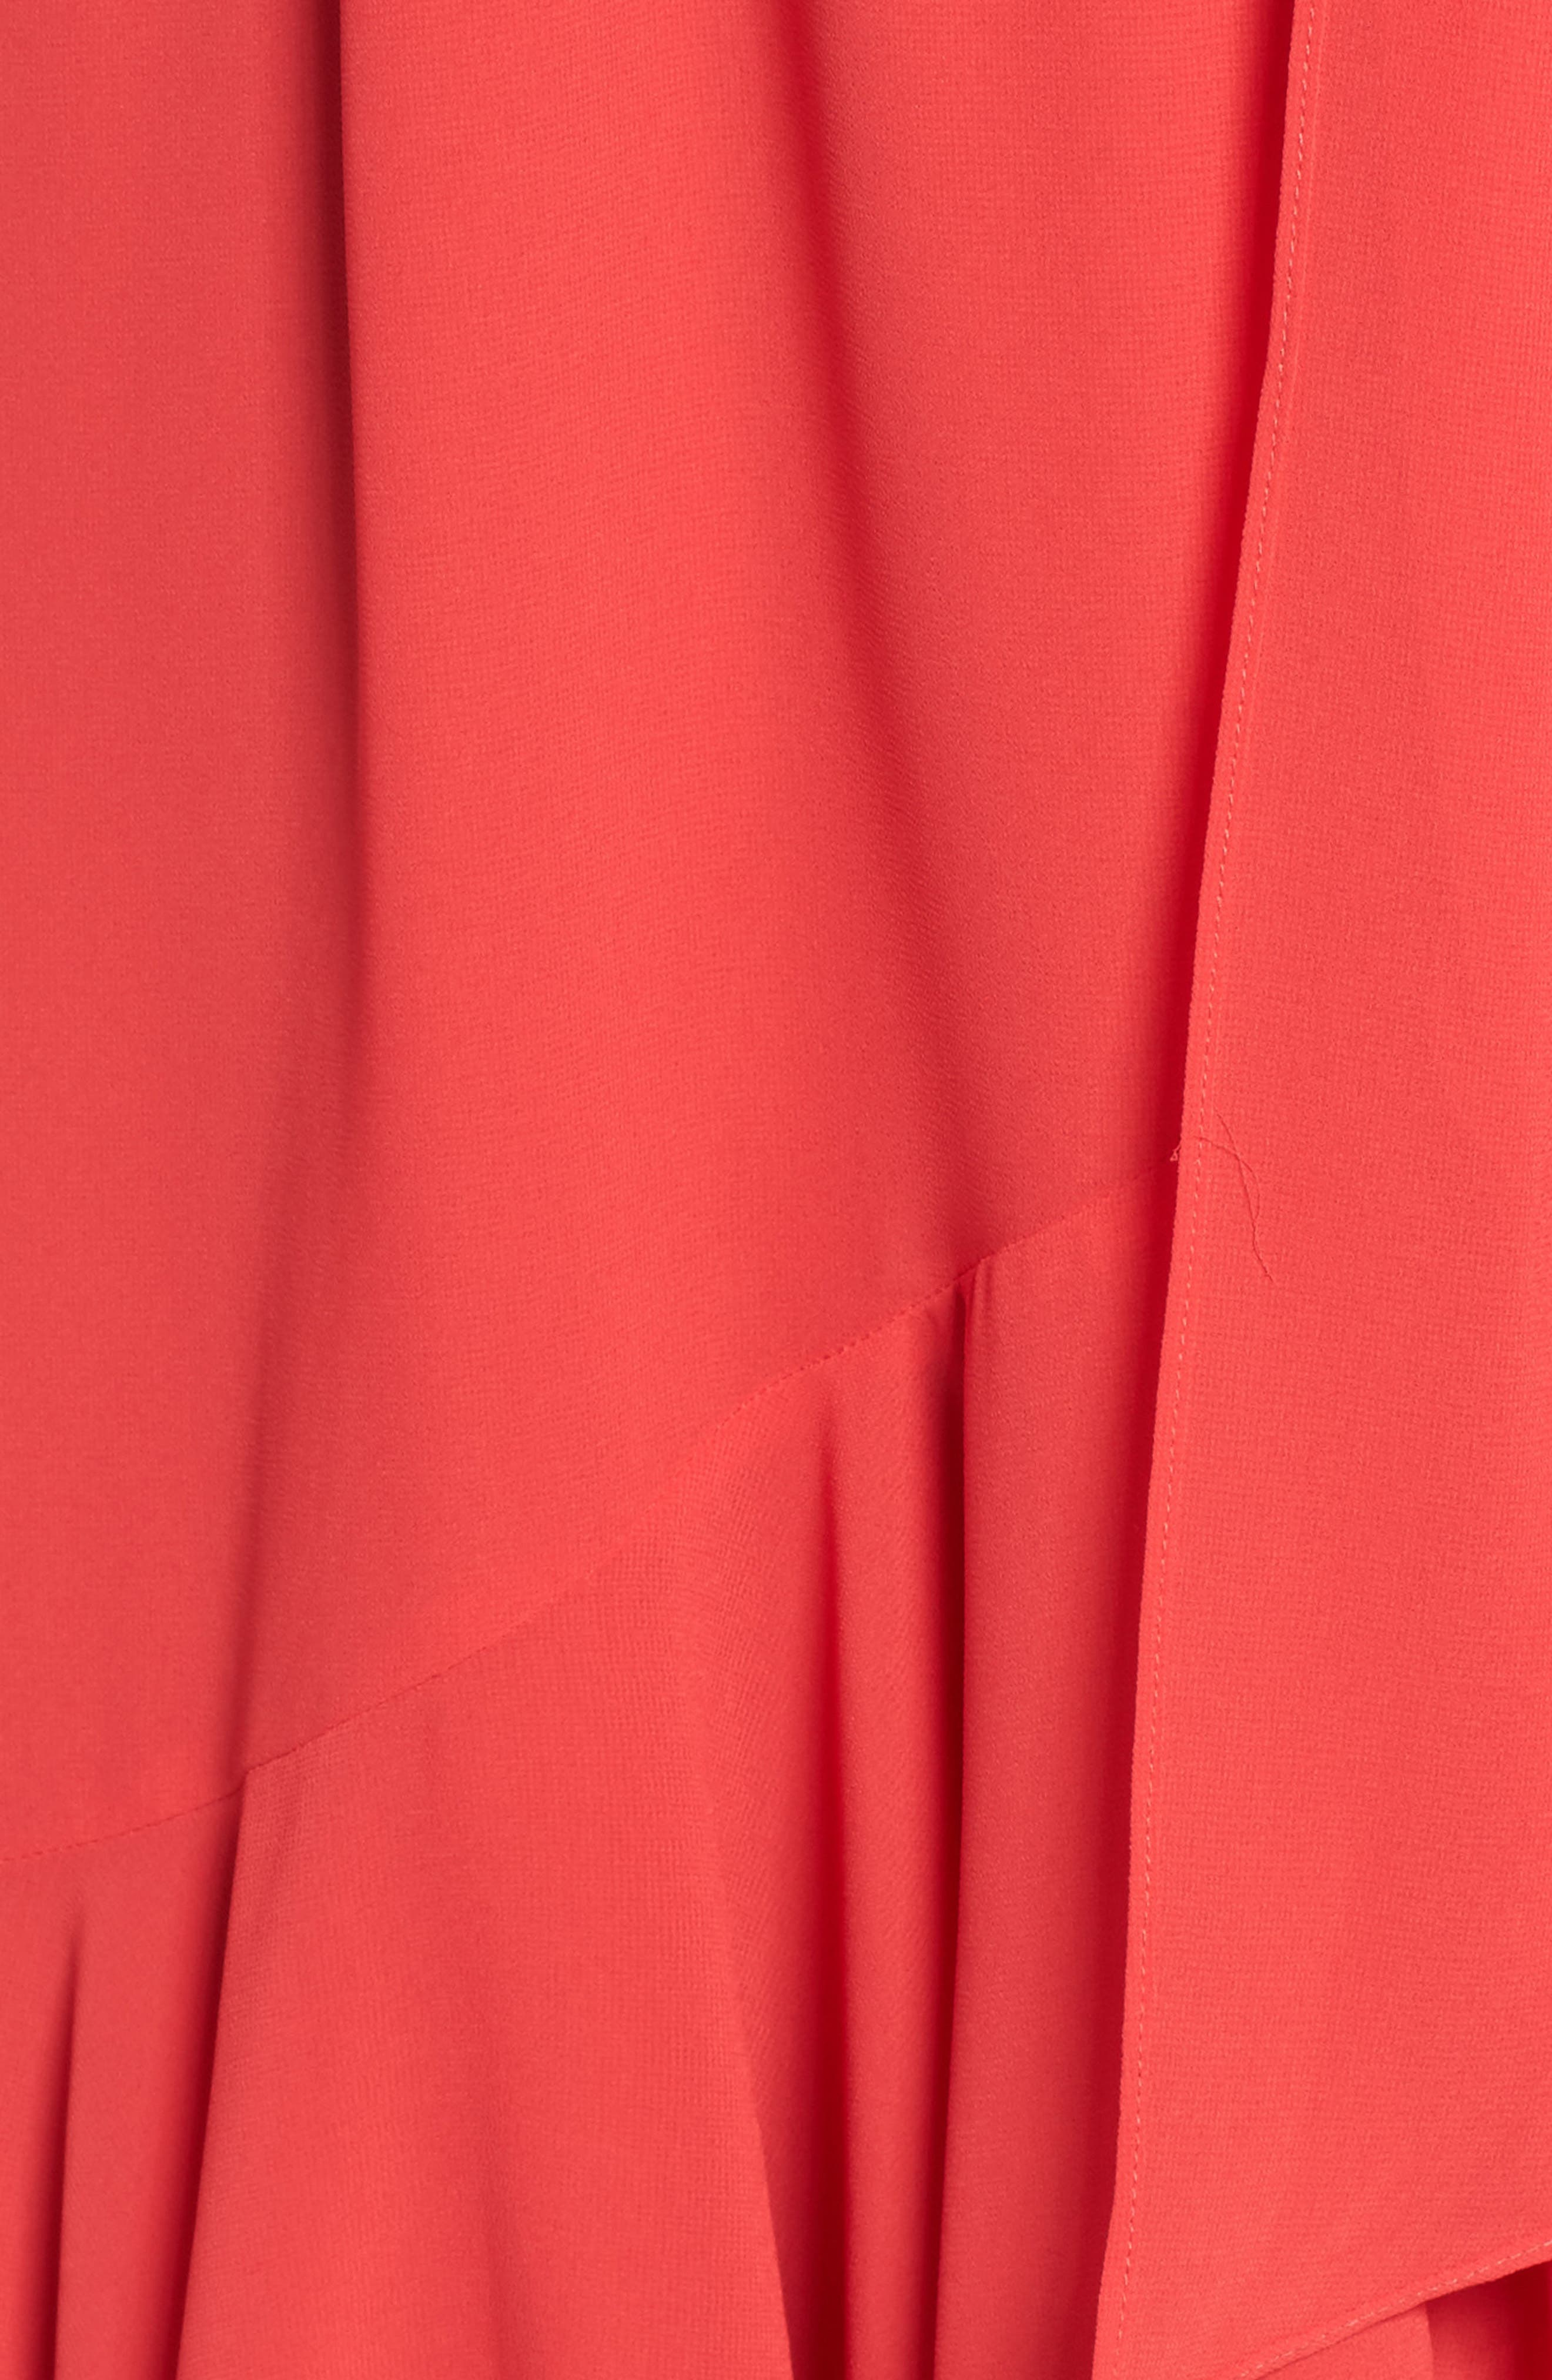 Cold Shoulder Dress,                             Alternate thumbnail 5, color,                             652